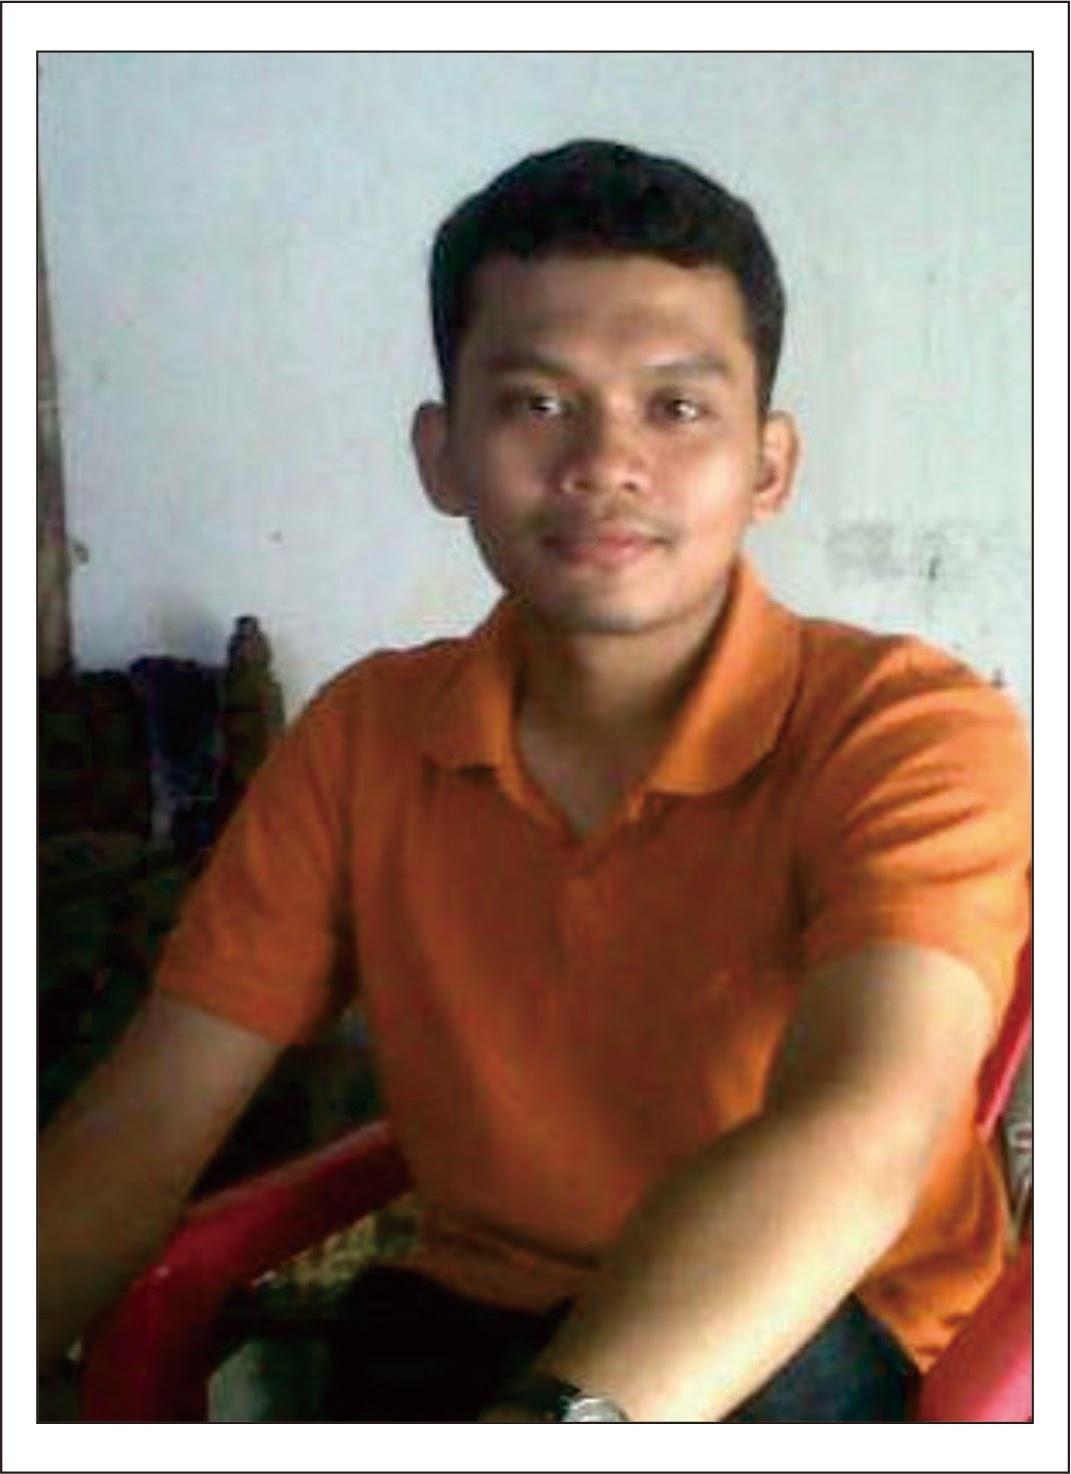 Kisah Sukses Sang Mahasiswa Penjual Sayur Samsul Arifin